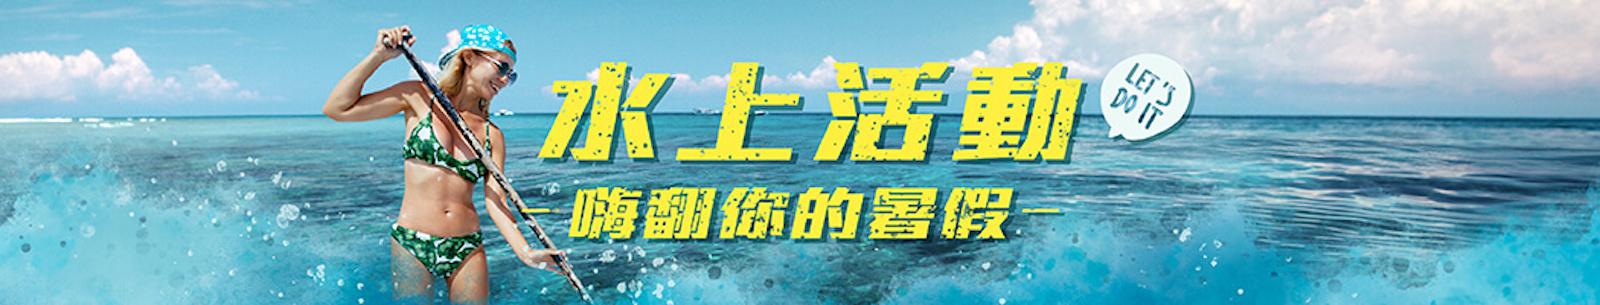 頭尾banner_體驗水上活動